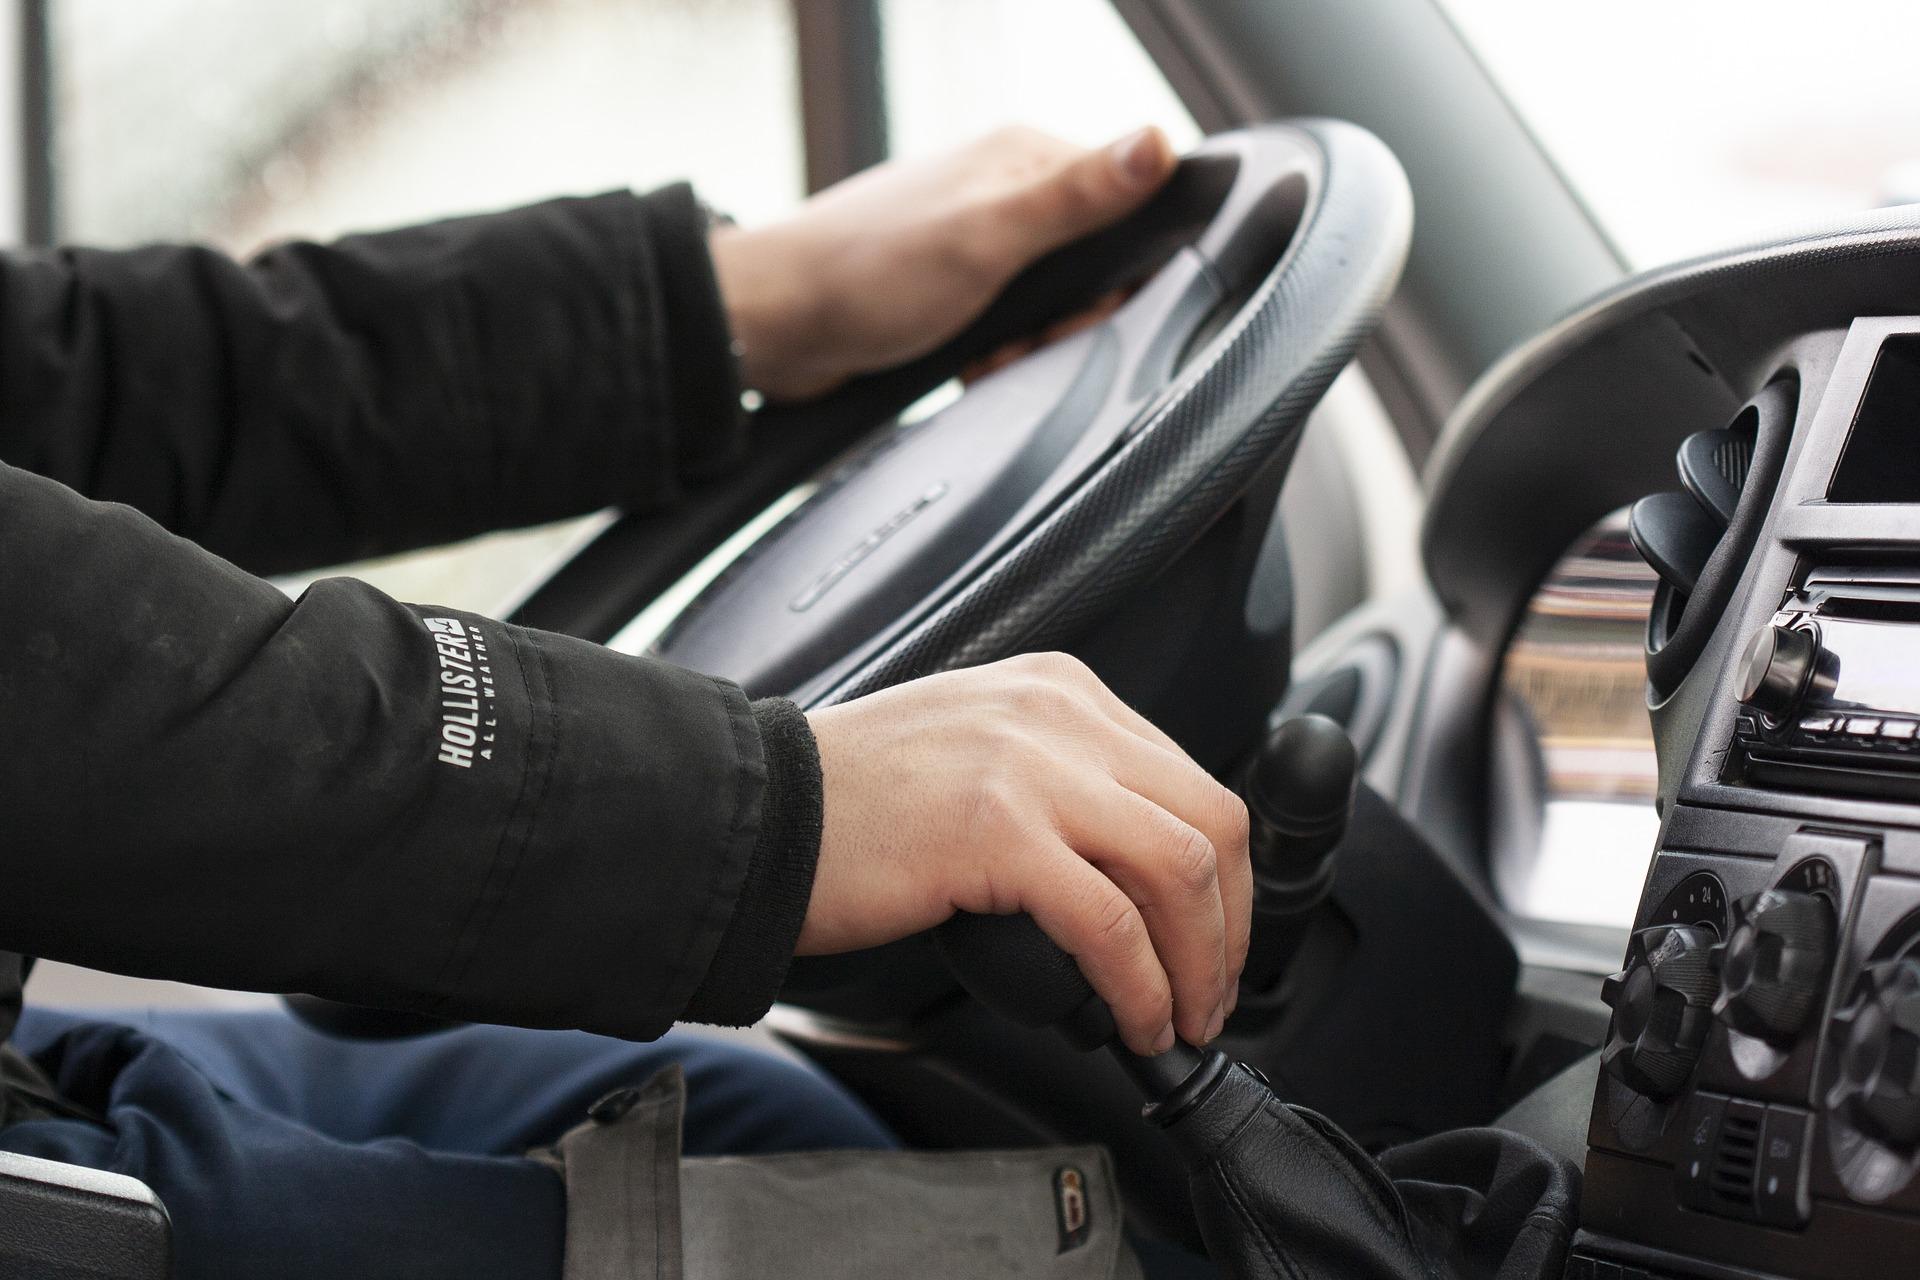 Штраф за автохлам и новые правила экзаменов на права. Юрист рассказал, что ждёт автомобилистов в 2021 году